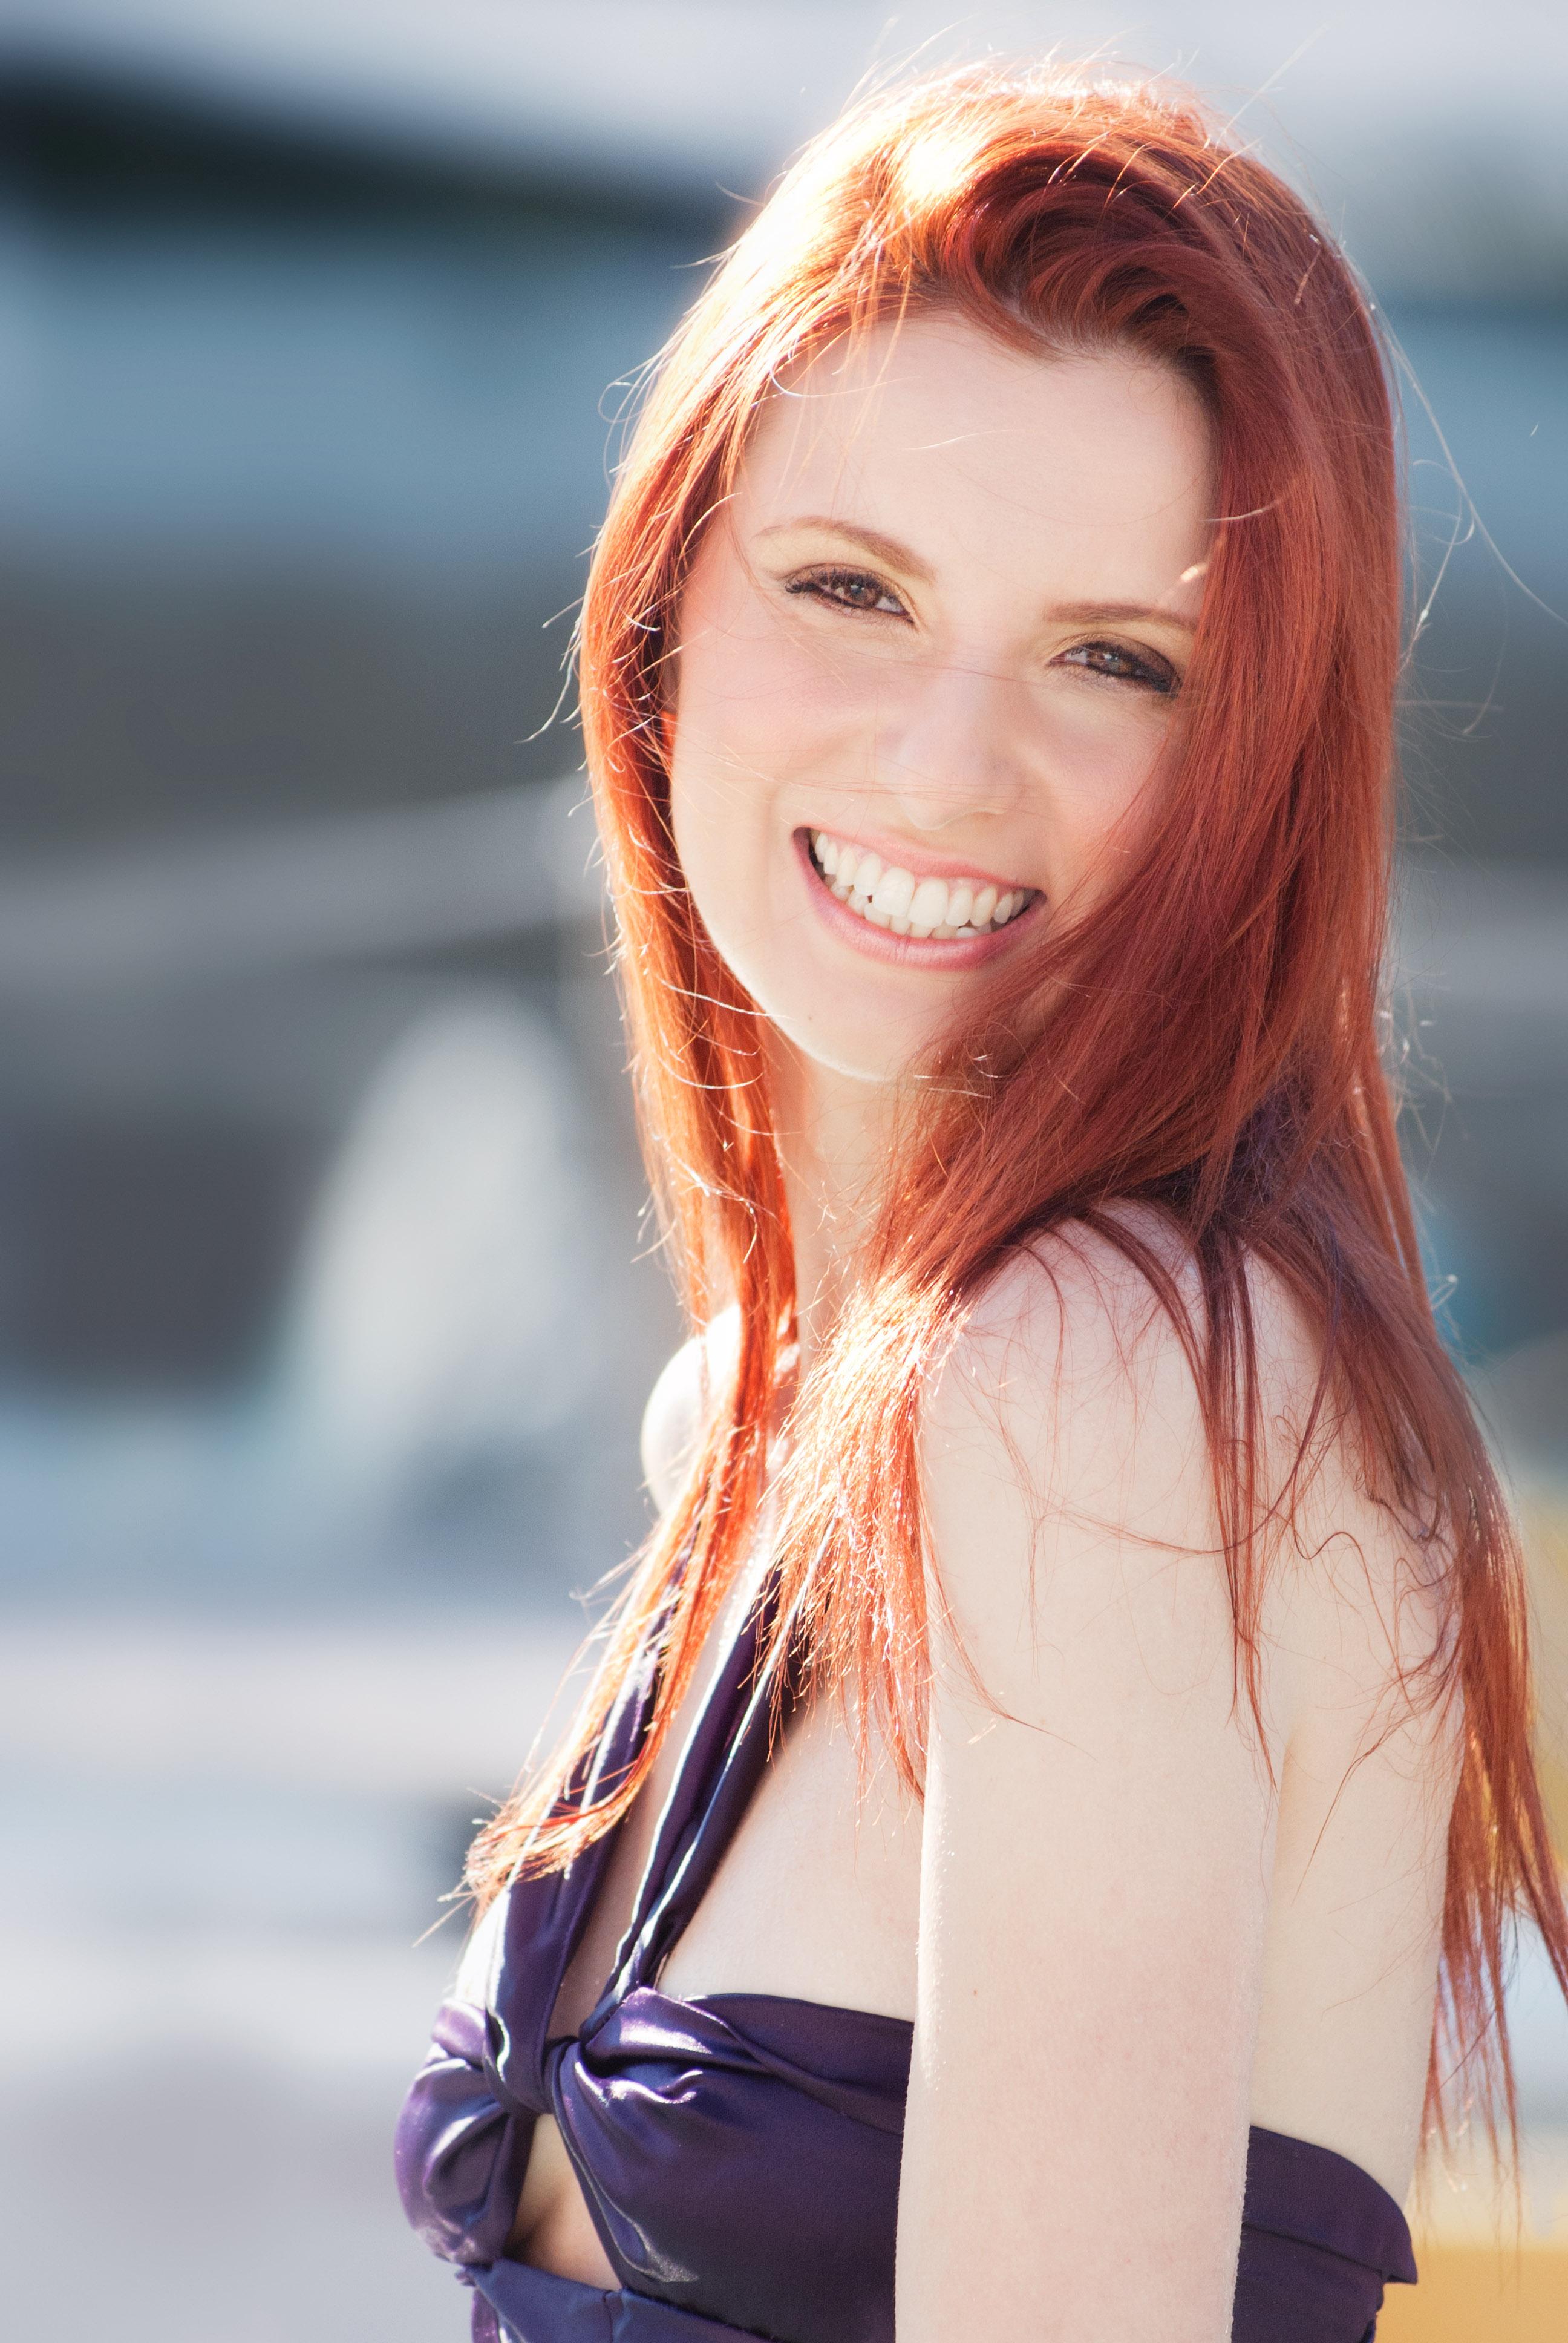 Erica Melargo